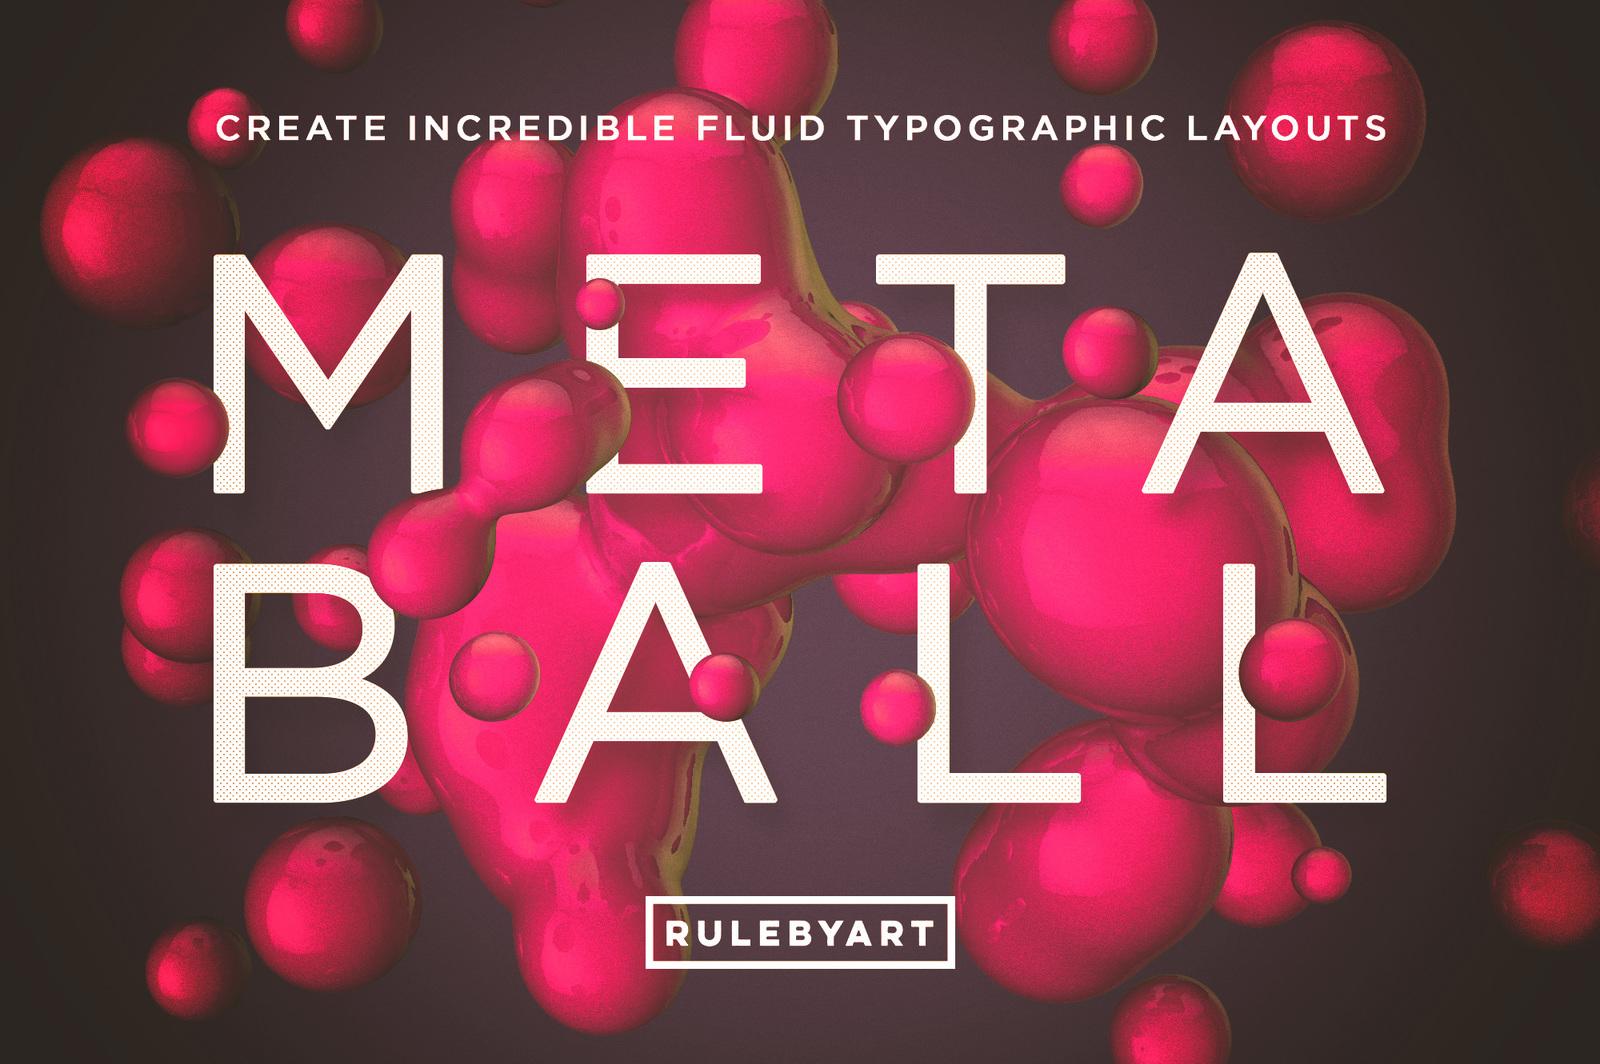 Metaball